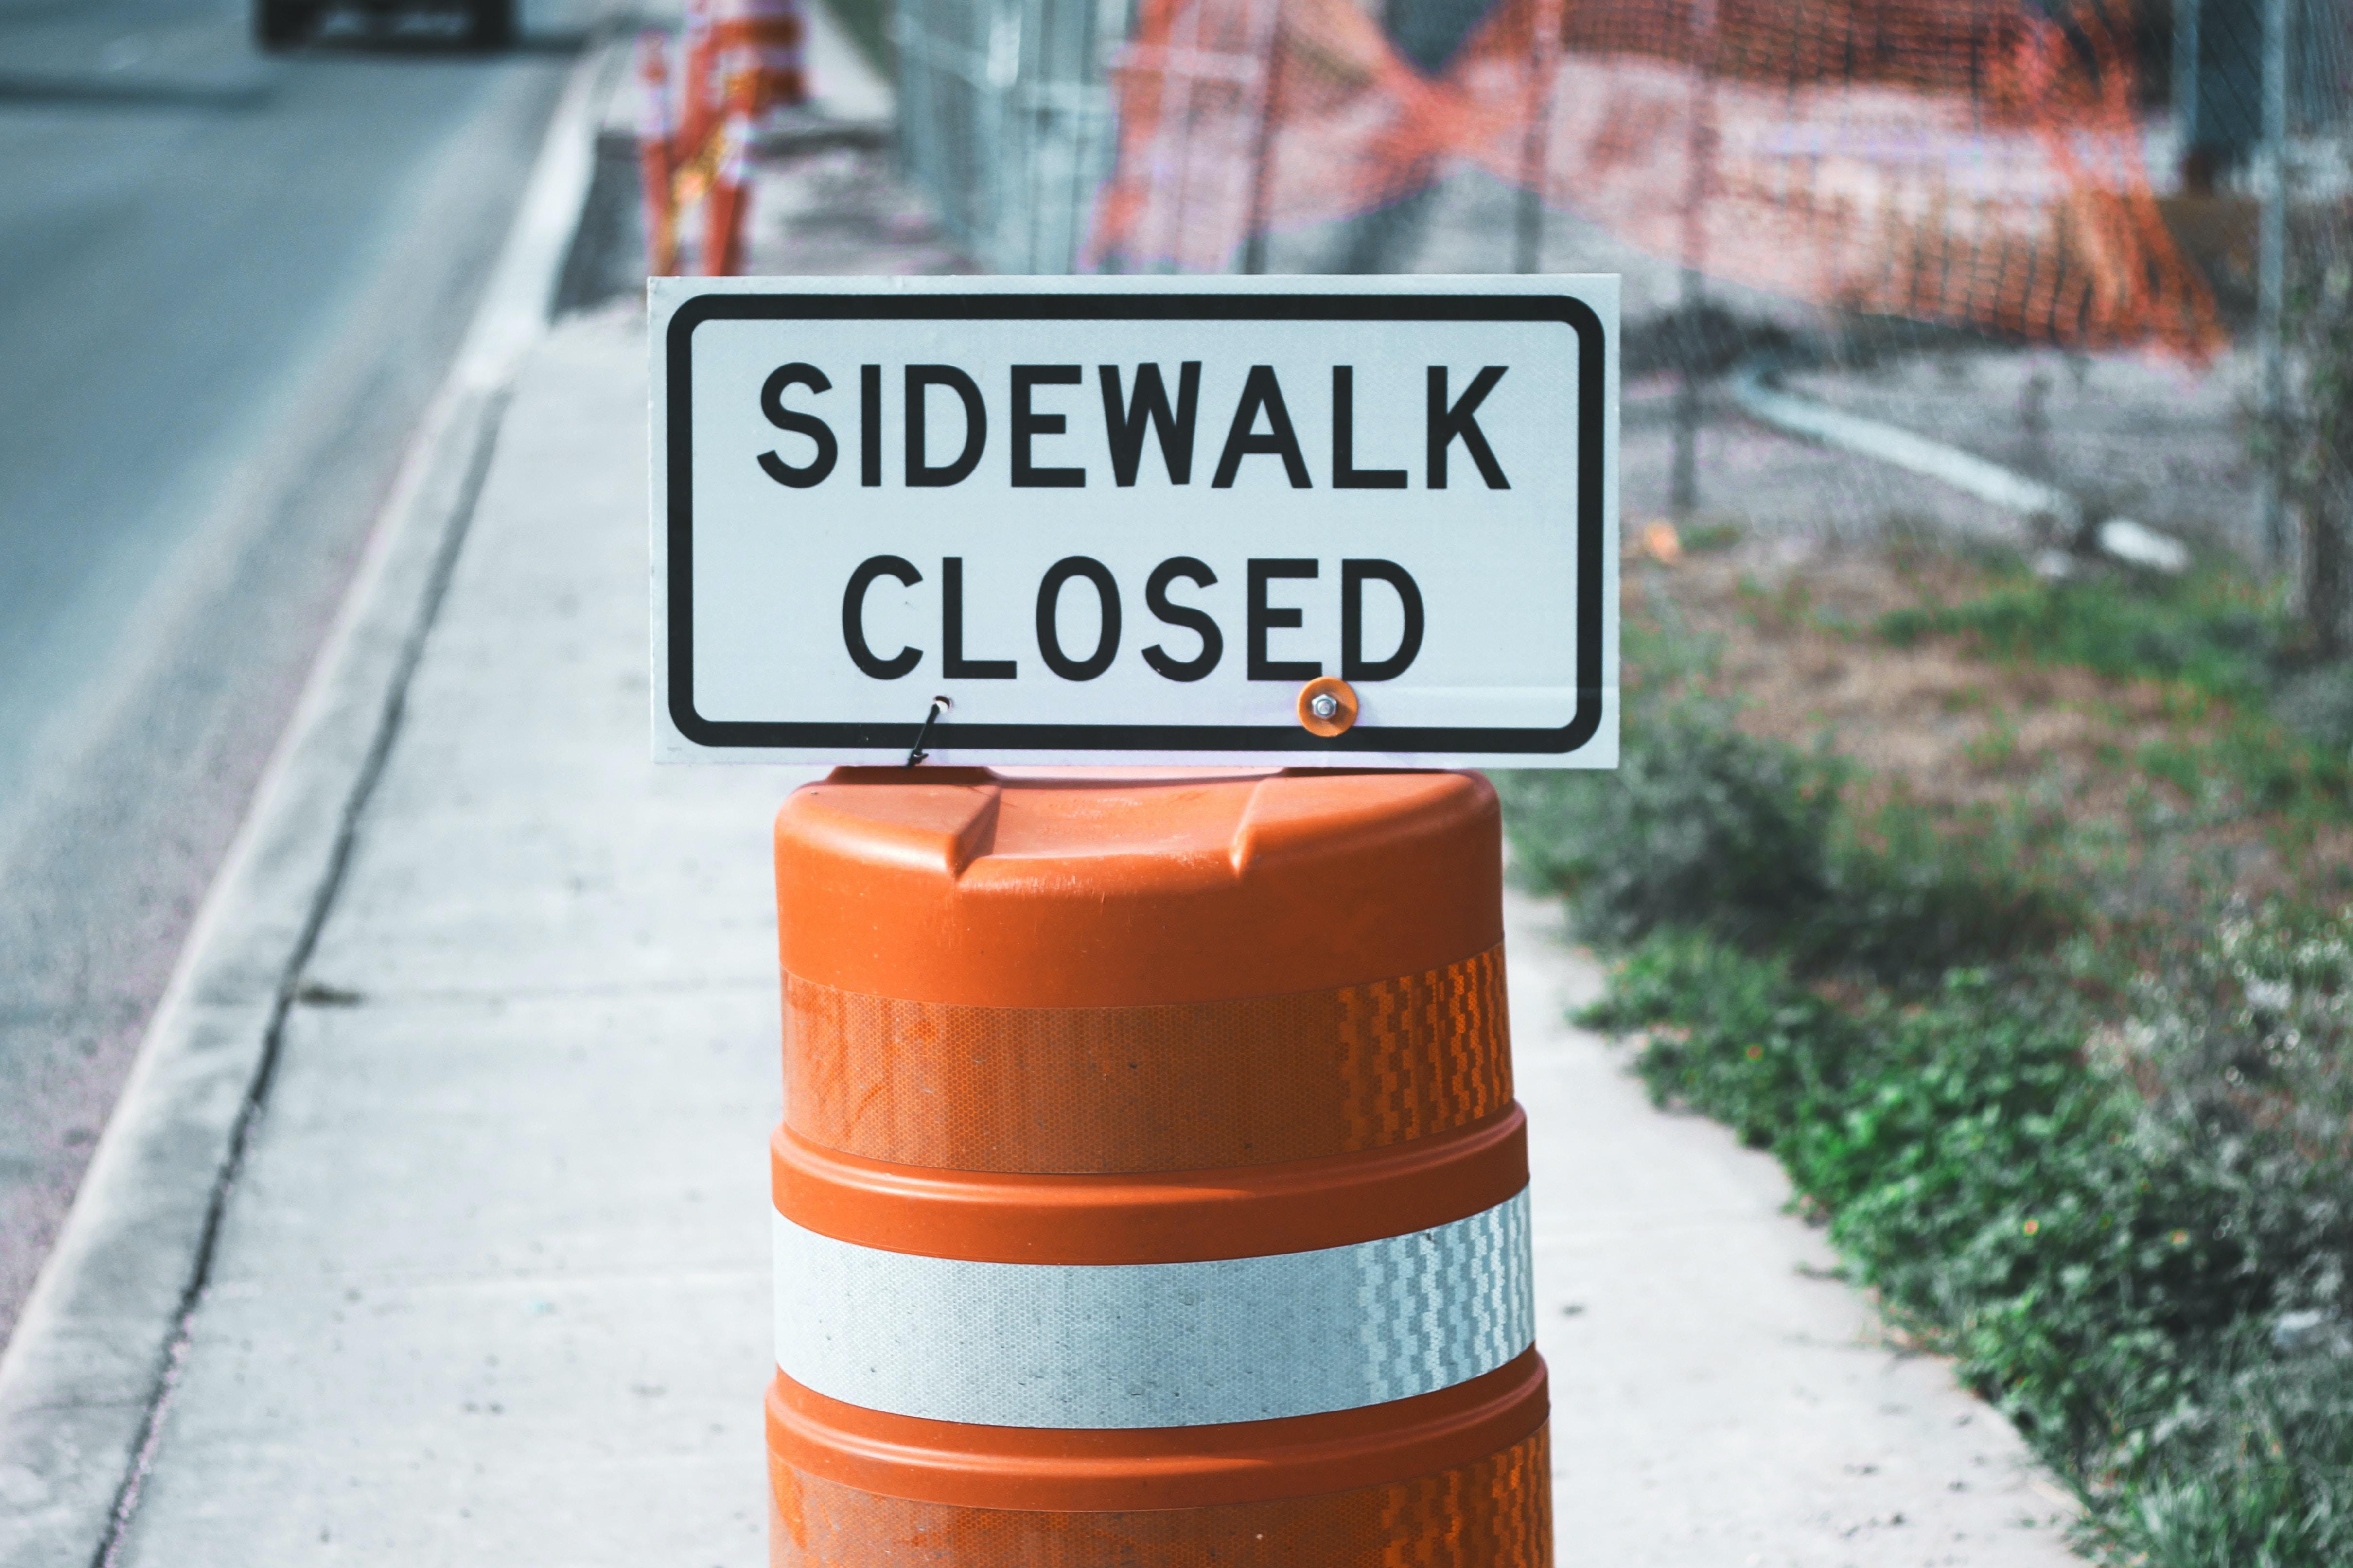 """A """"sidewalk closed"""" sign on an orange traffic cone"""